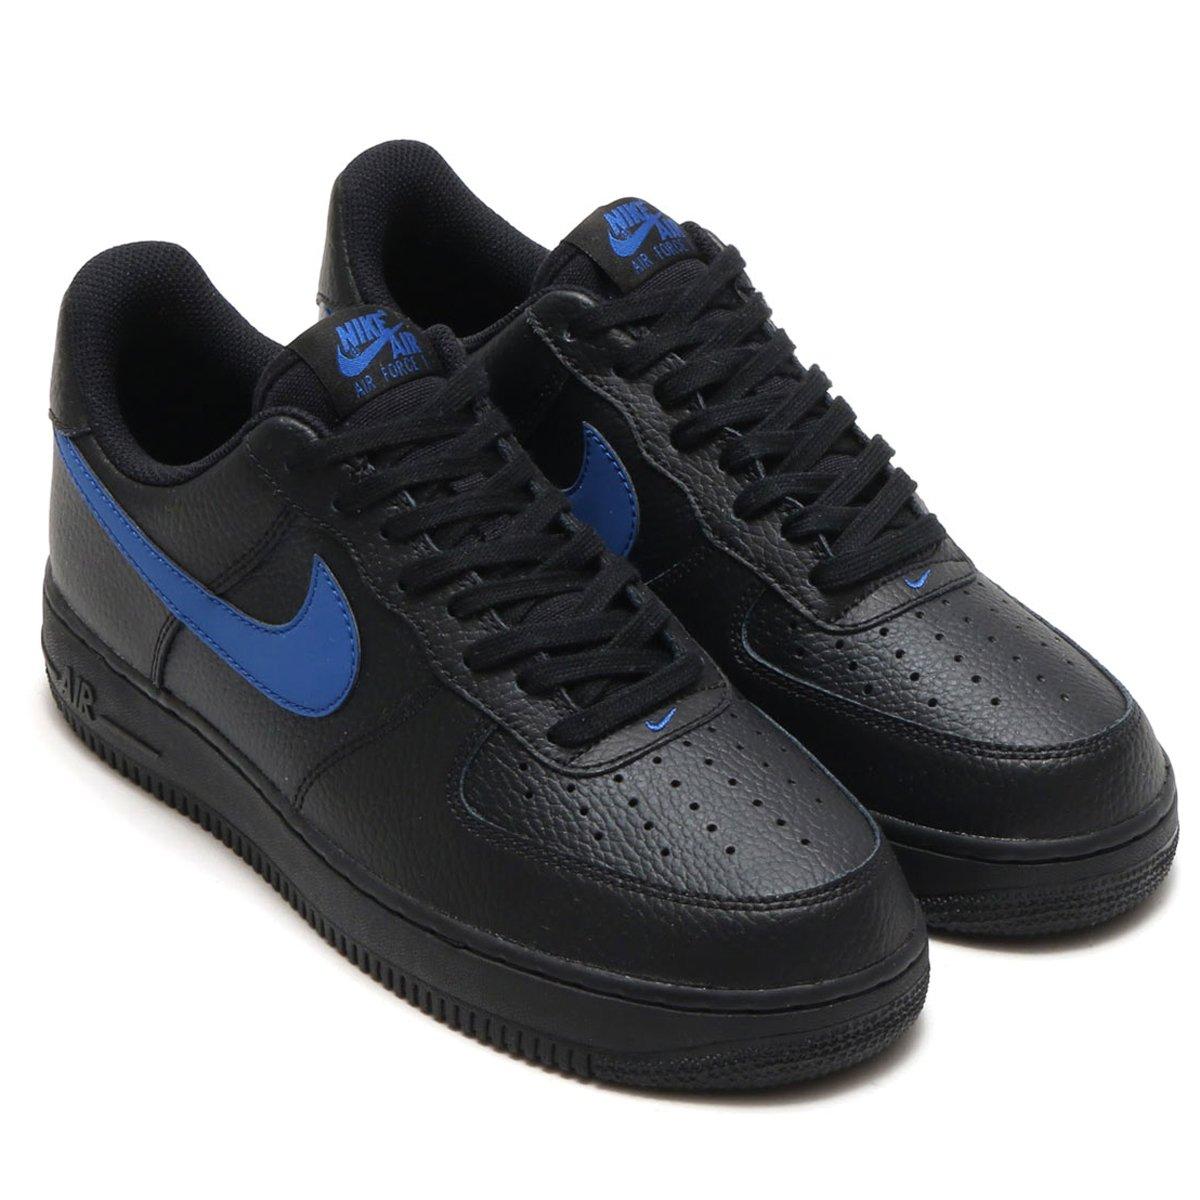 日本国内正規品 Nike ナイキ エア フォース1 LOW 07 [AIR FORCE1 LOW 07] ブラック/ジムブルー AA4083-003 B079DQQHDP 27.5cm